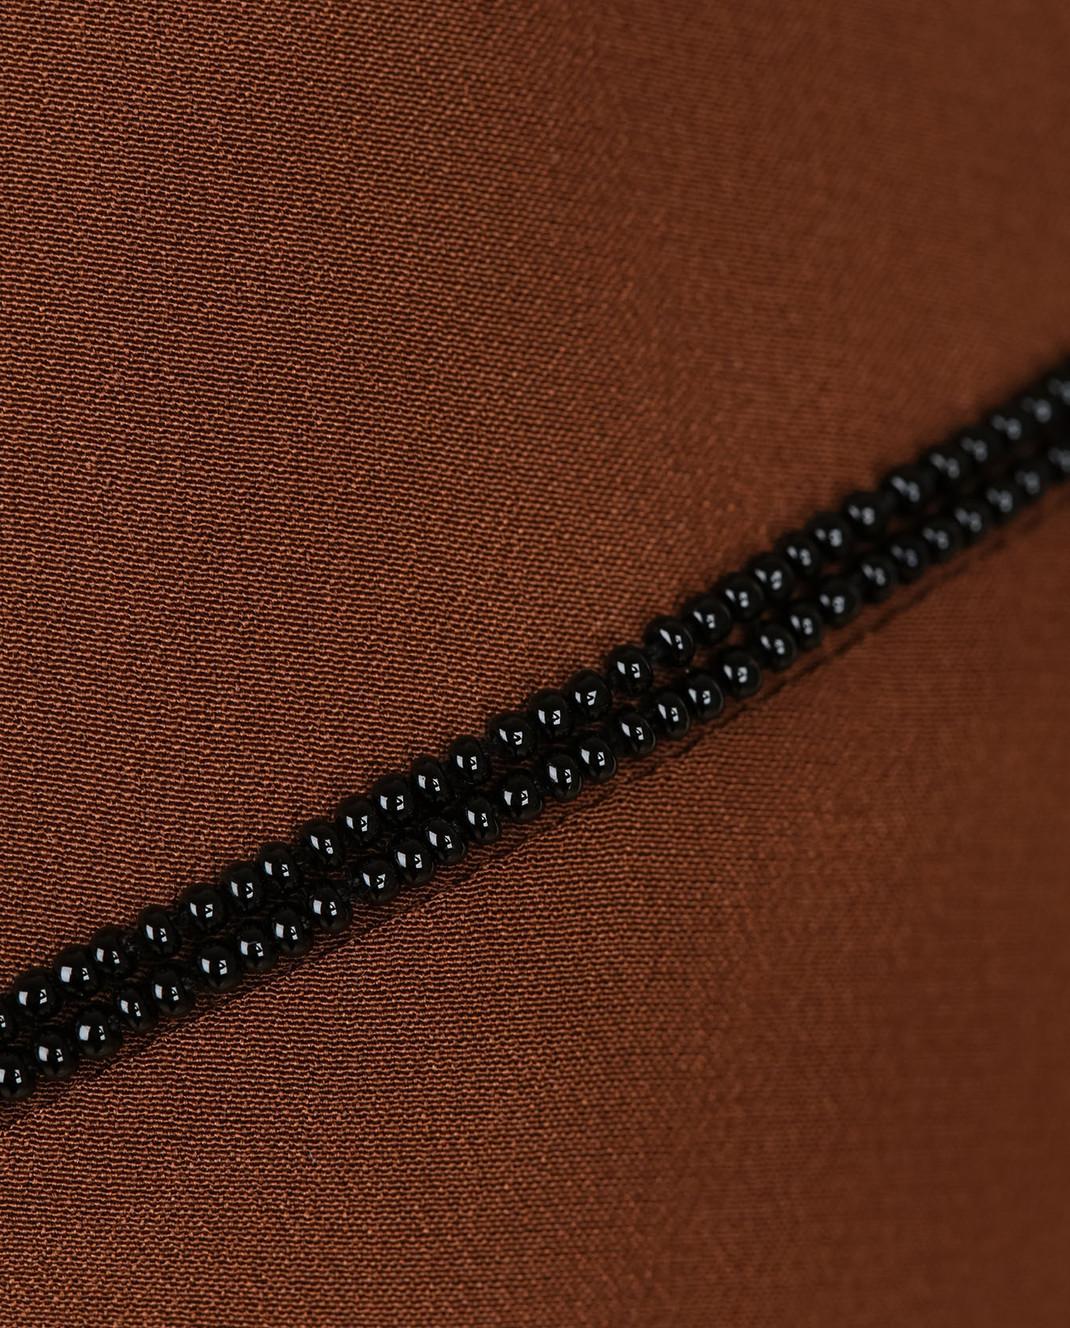 NINA RICCI Терракотовое платье из шелка 17PCRO040SE0801 изображение 5